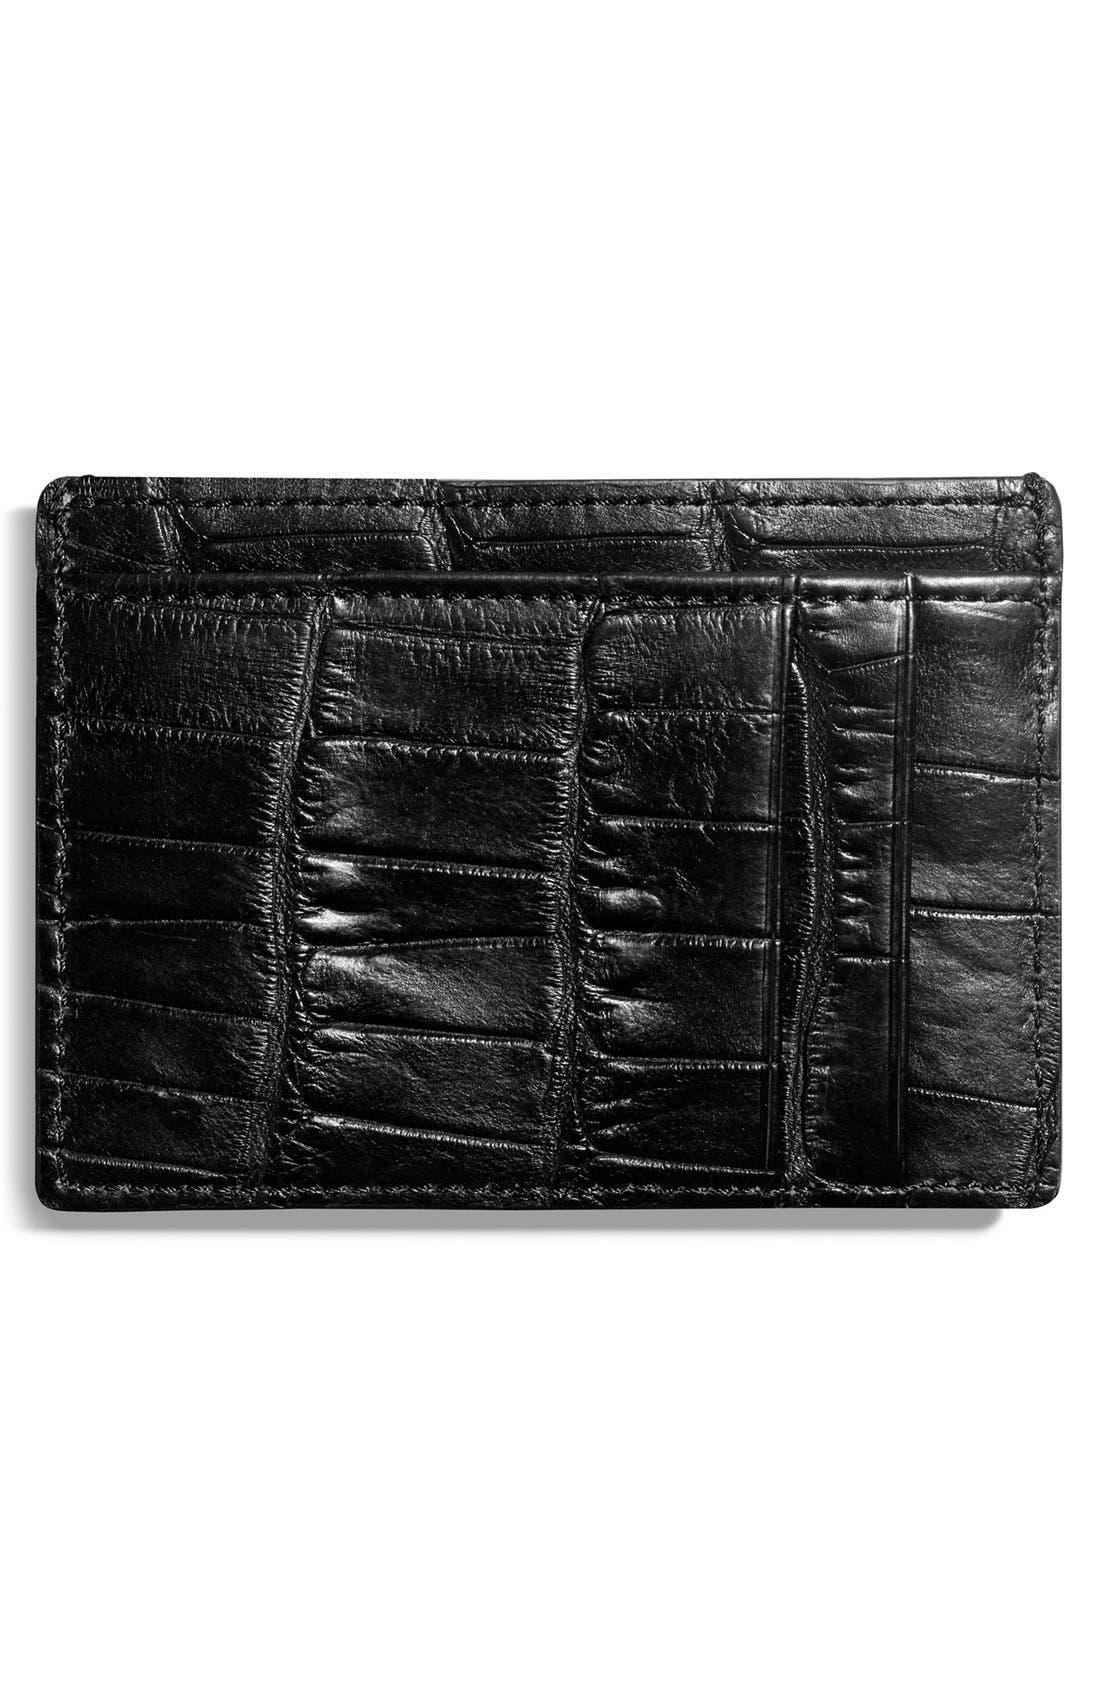 Main Image - Shinola Alligator Leather Card Case